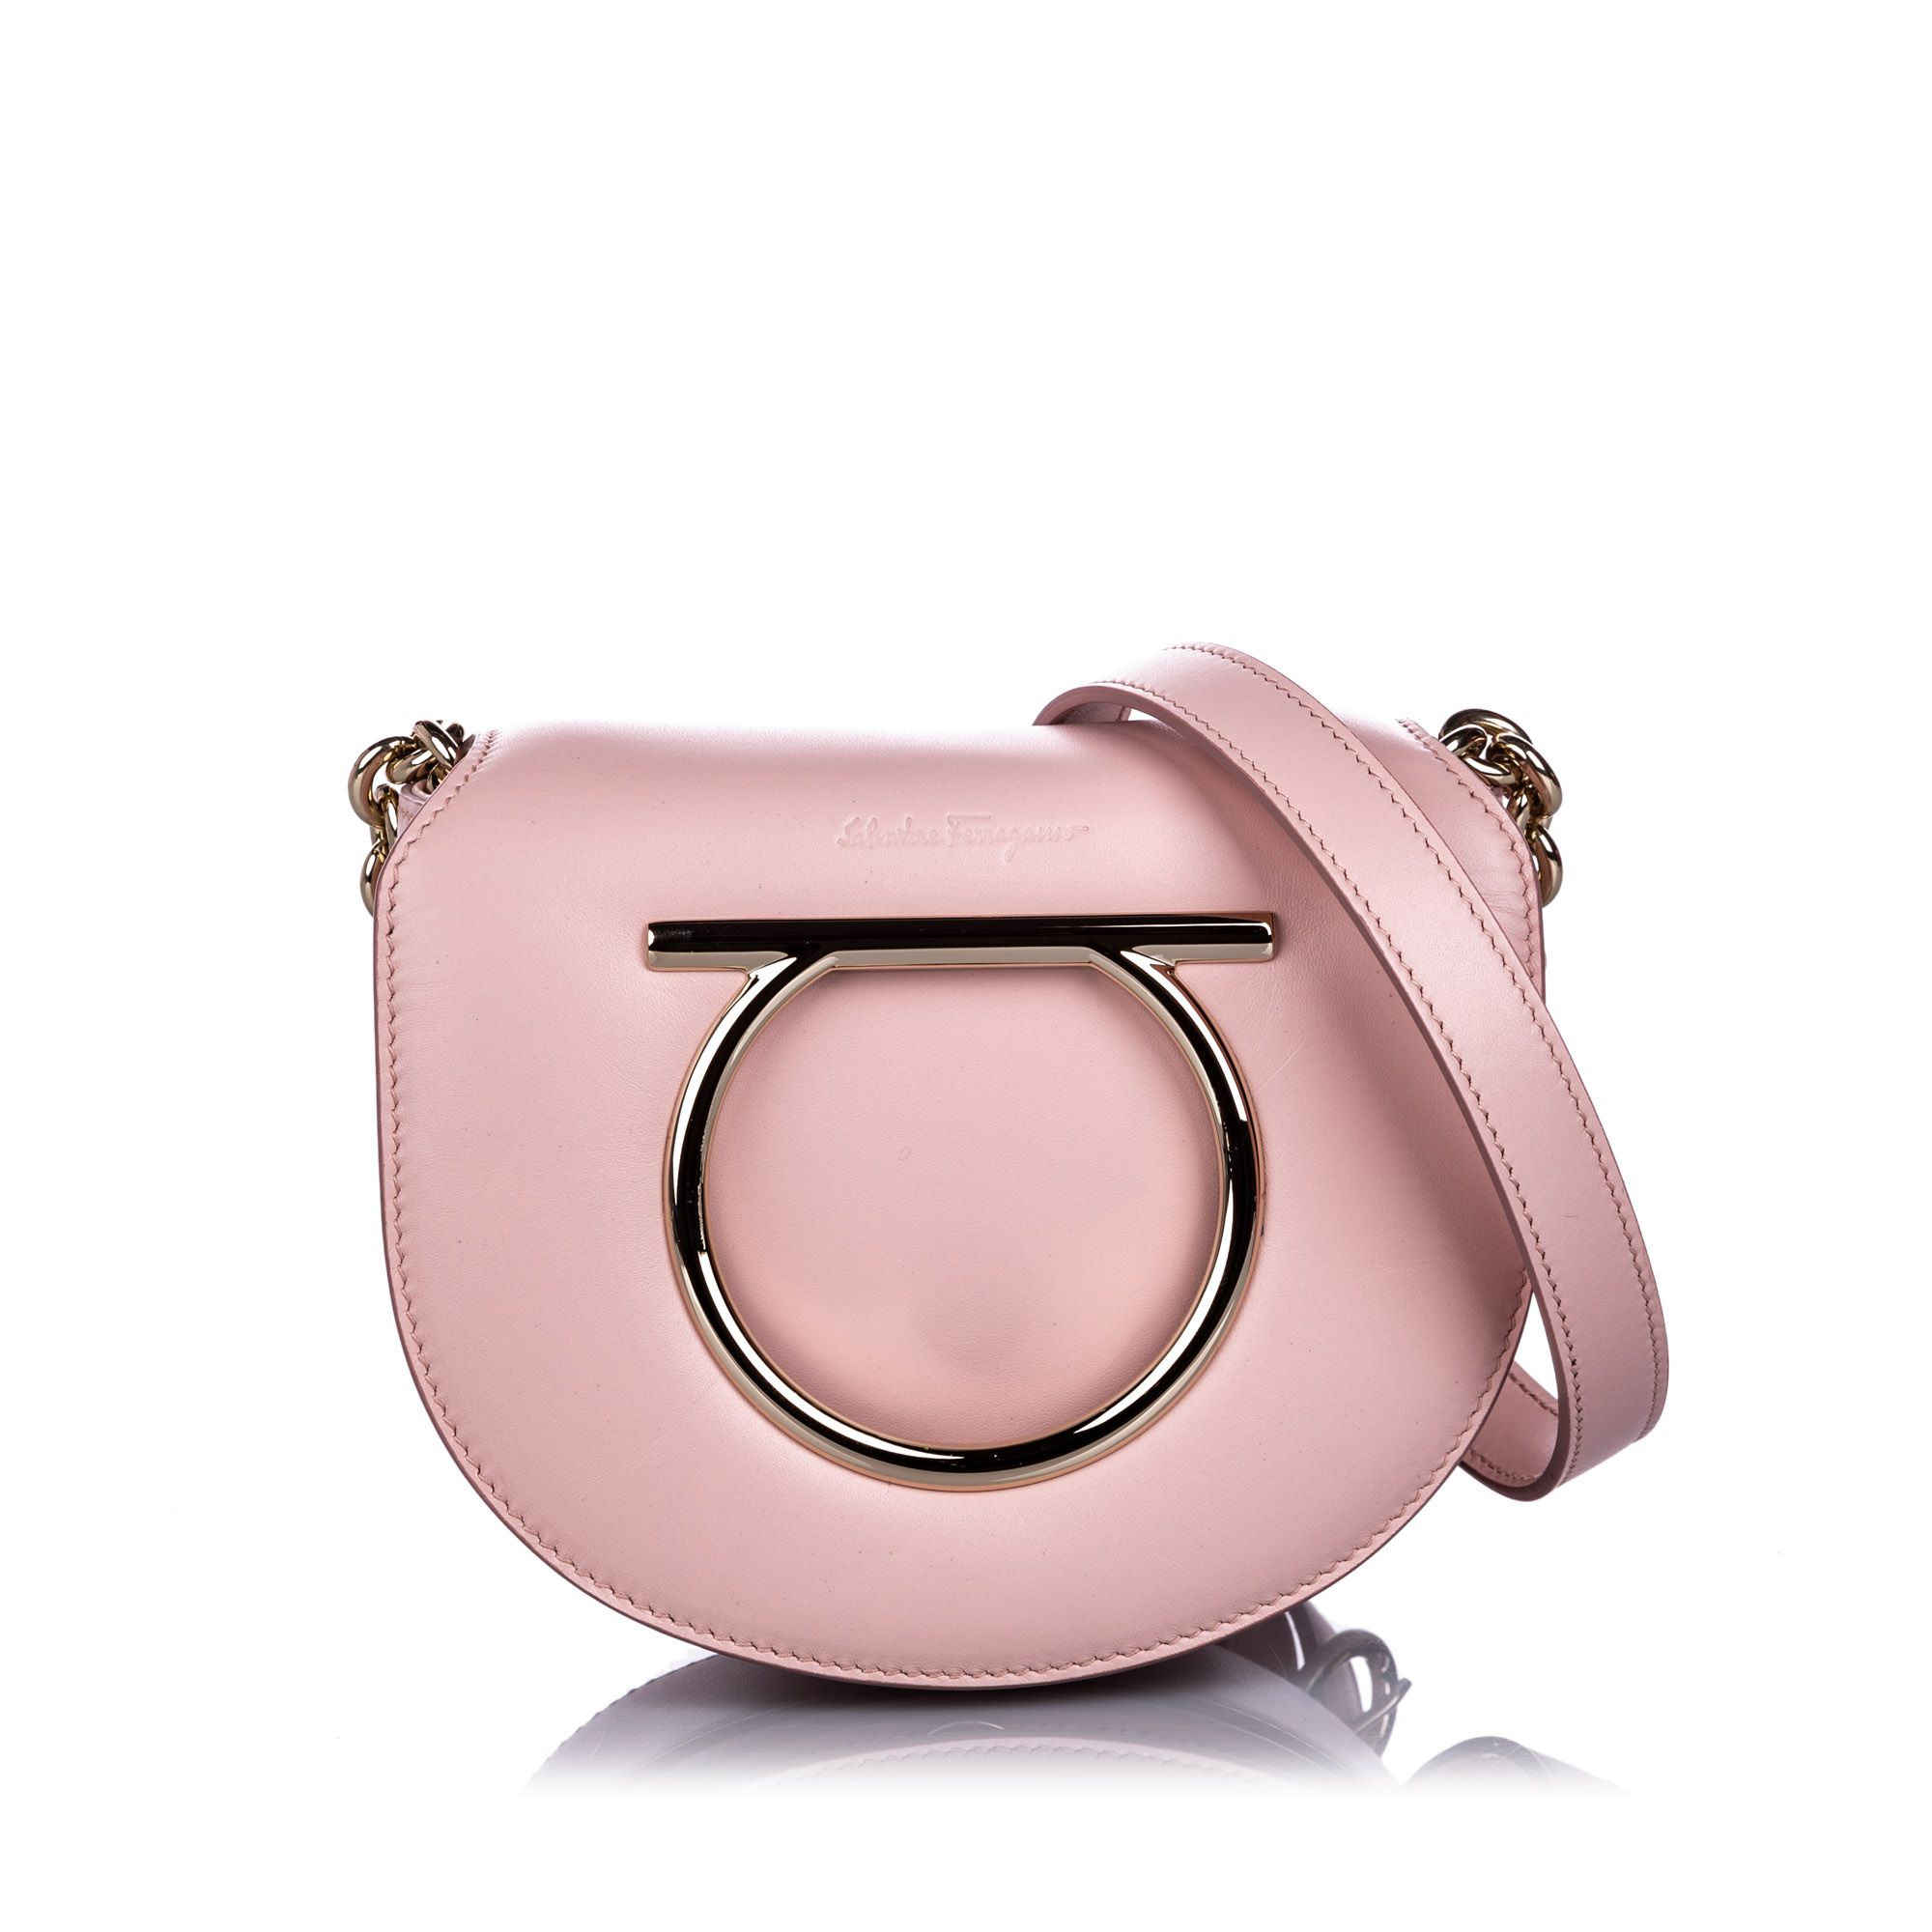 Vintage Ferragamo Calfskin Gancini Flap Bag Pink